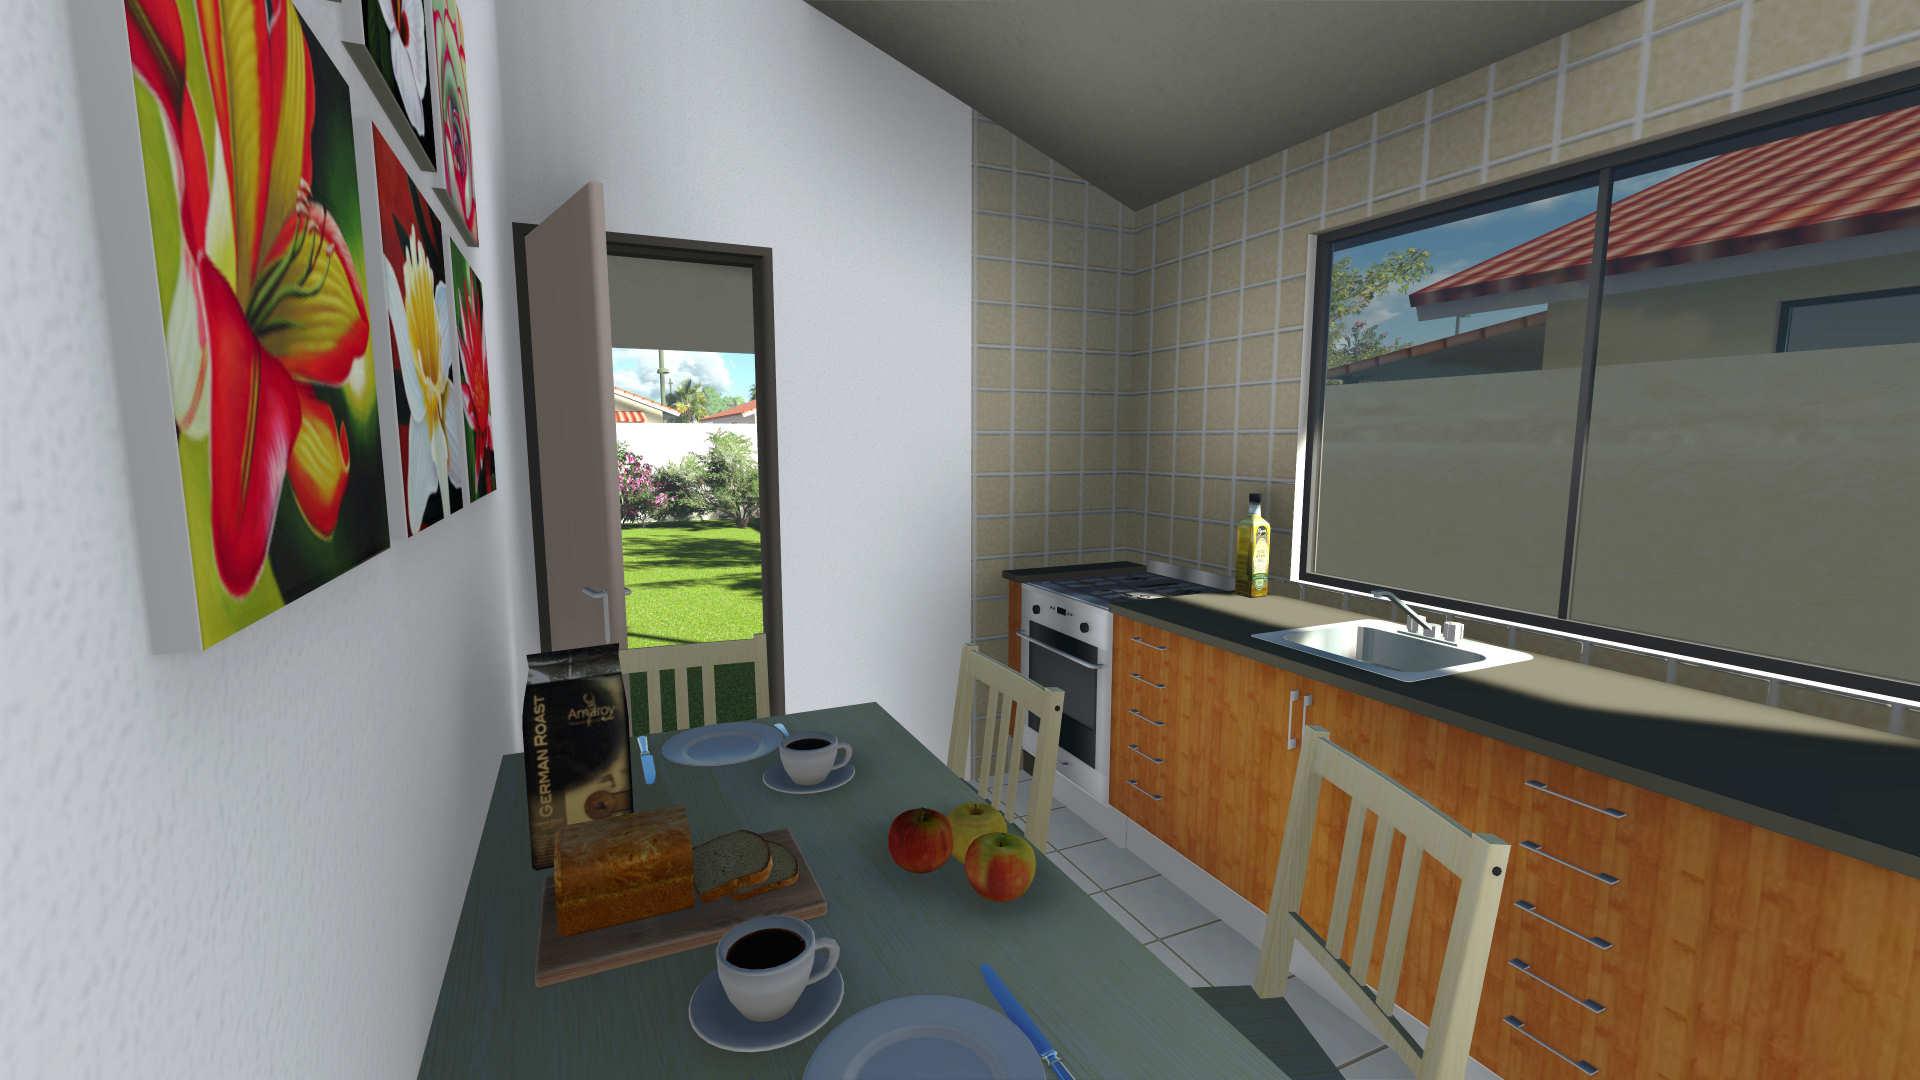 LEM124 house1 02